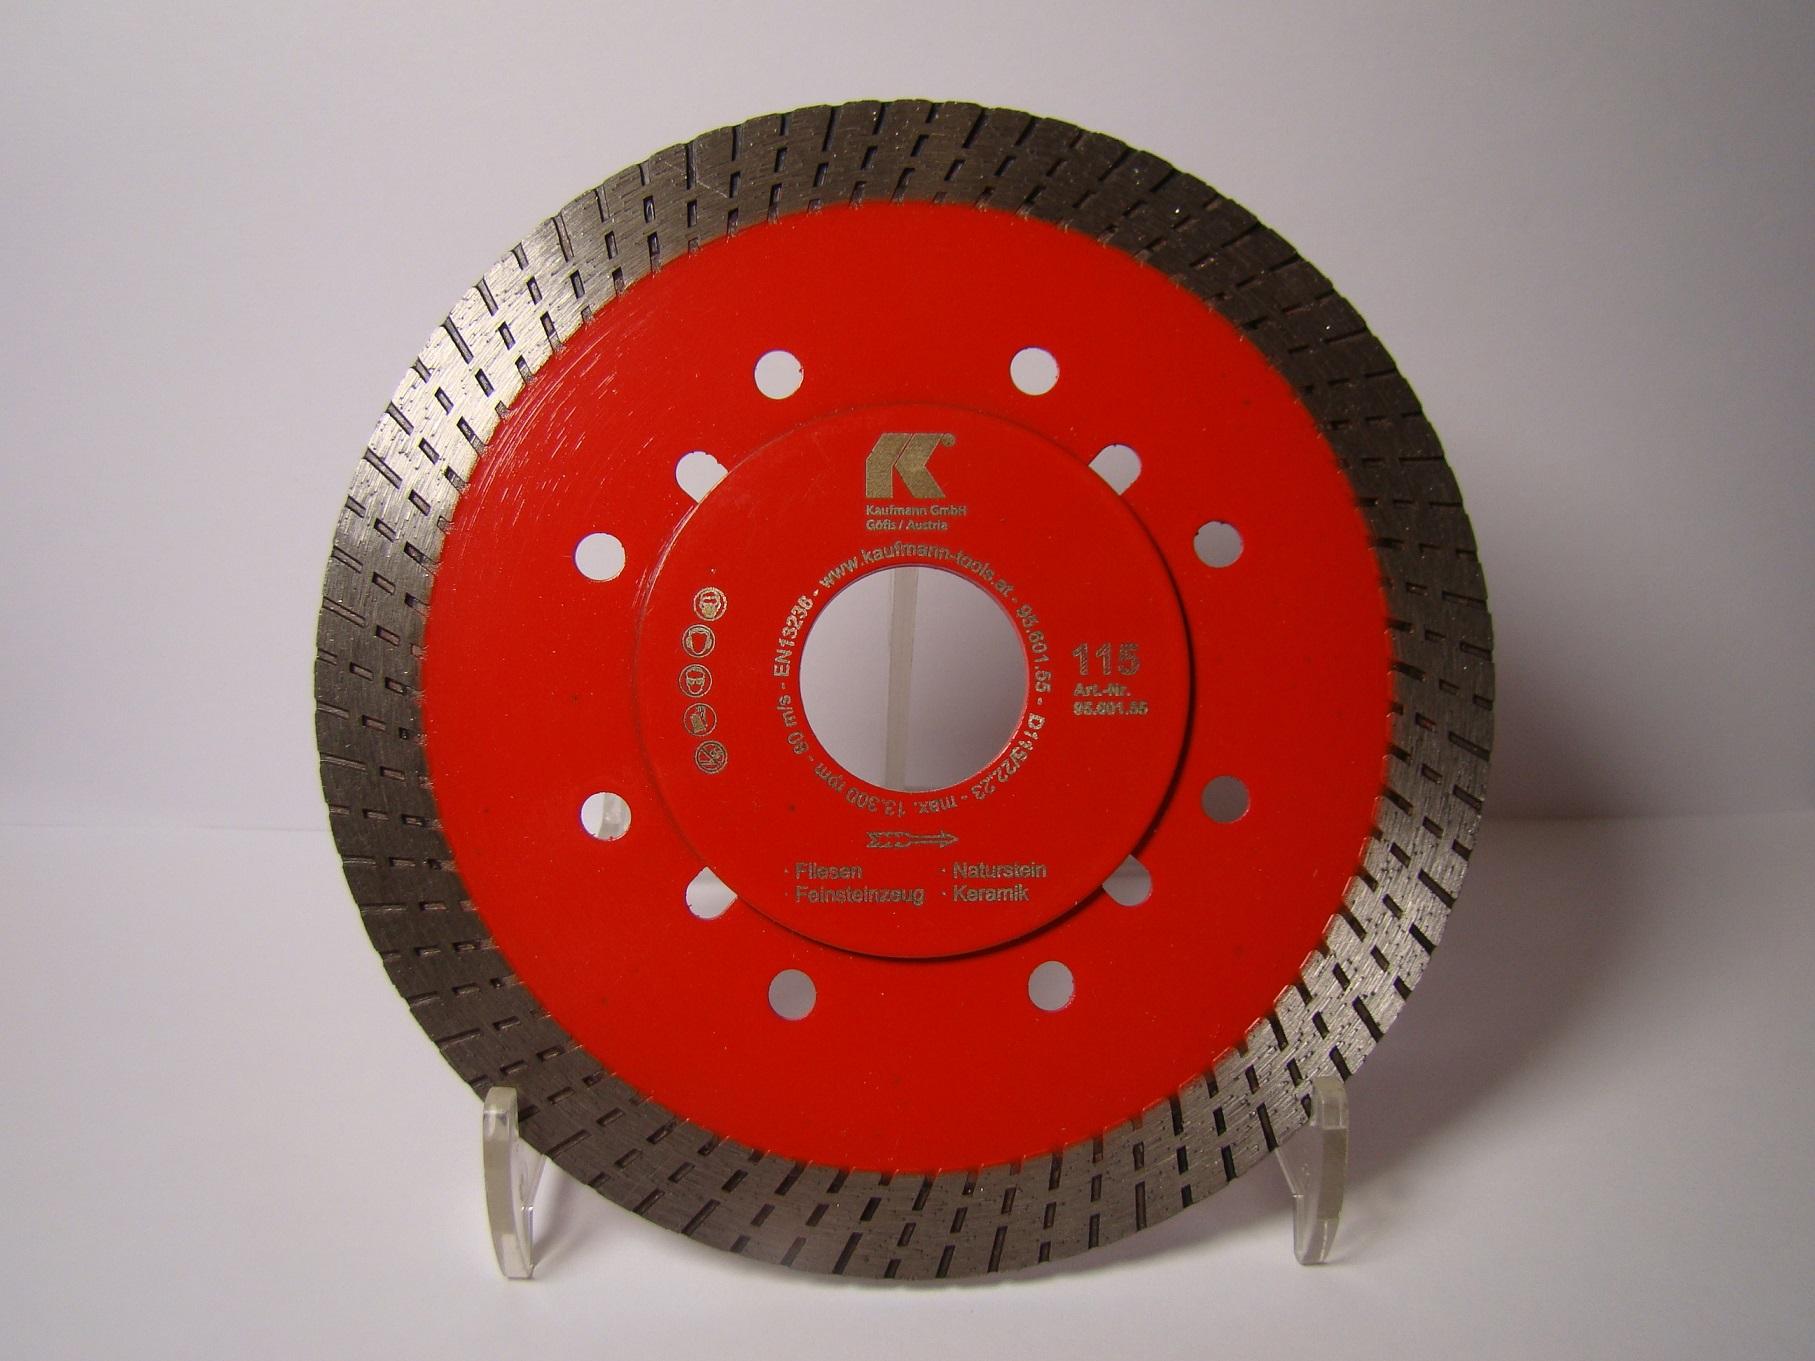 Kaufmann Diamanttrennscheibe Turbo Rot extra dünn 115mm